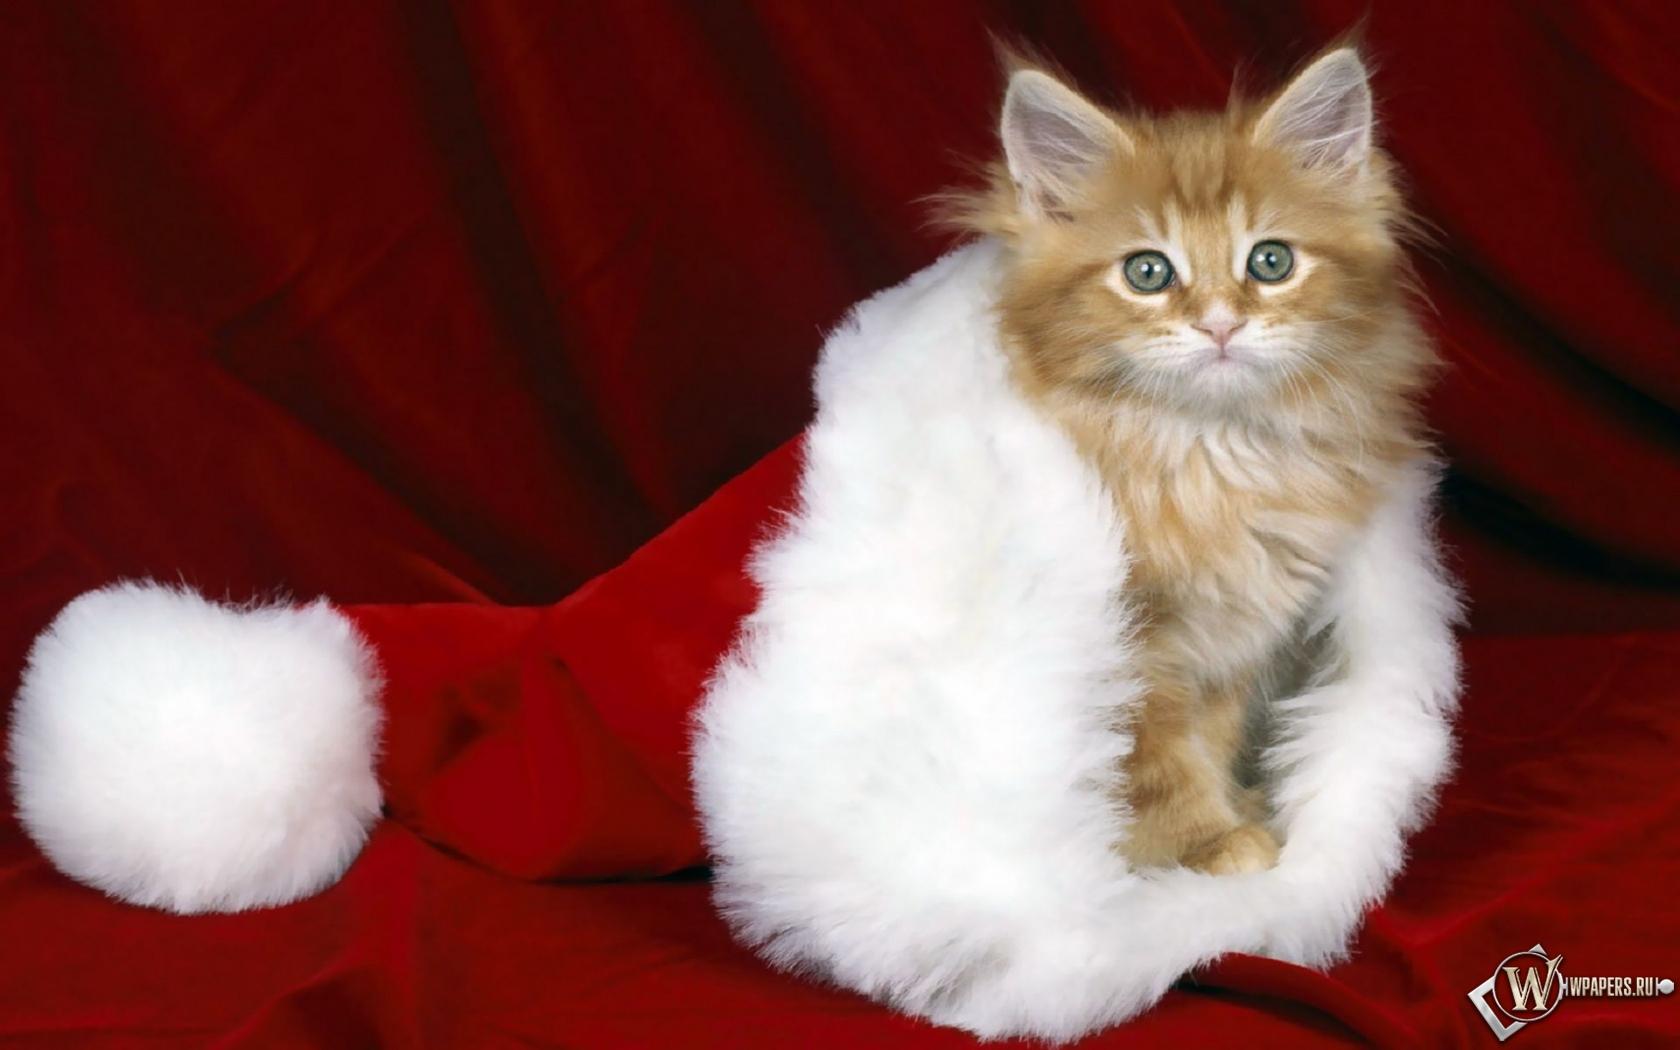 Кошки тоже любят Новый год 1680x1050